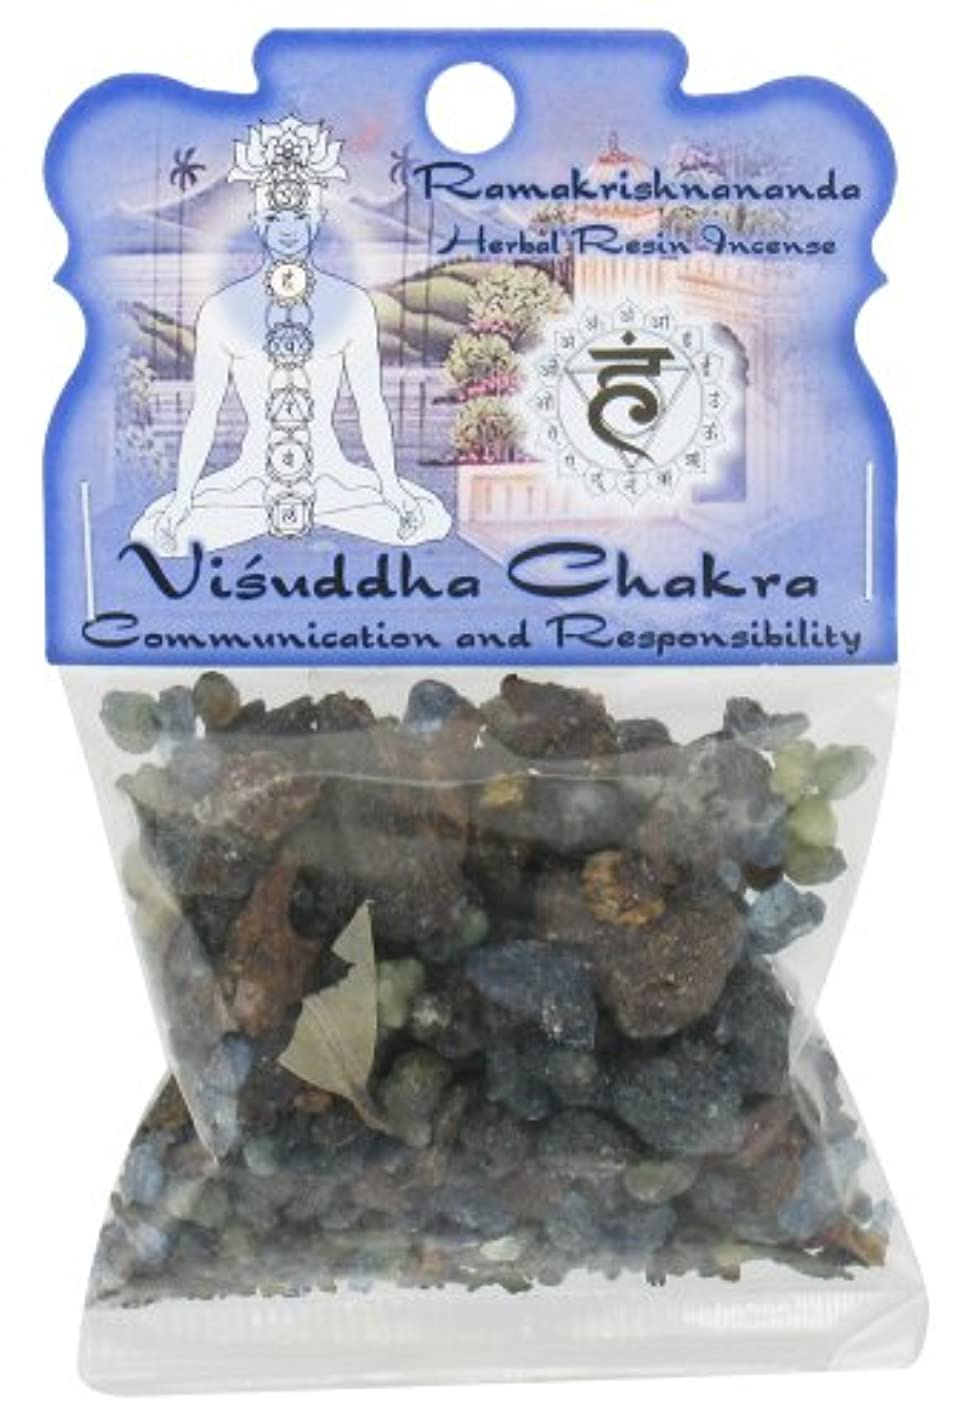 スティック内なる時代Ramakrishnananda お香 樹脂バッグ ビジュダチャクラ 各1個